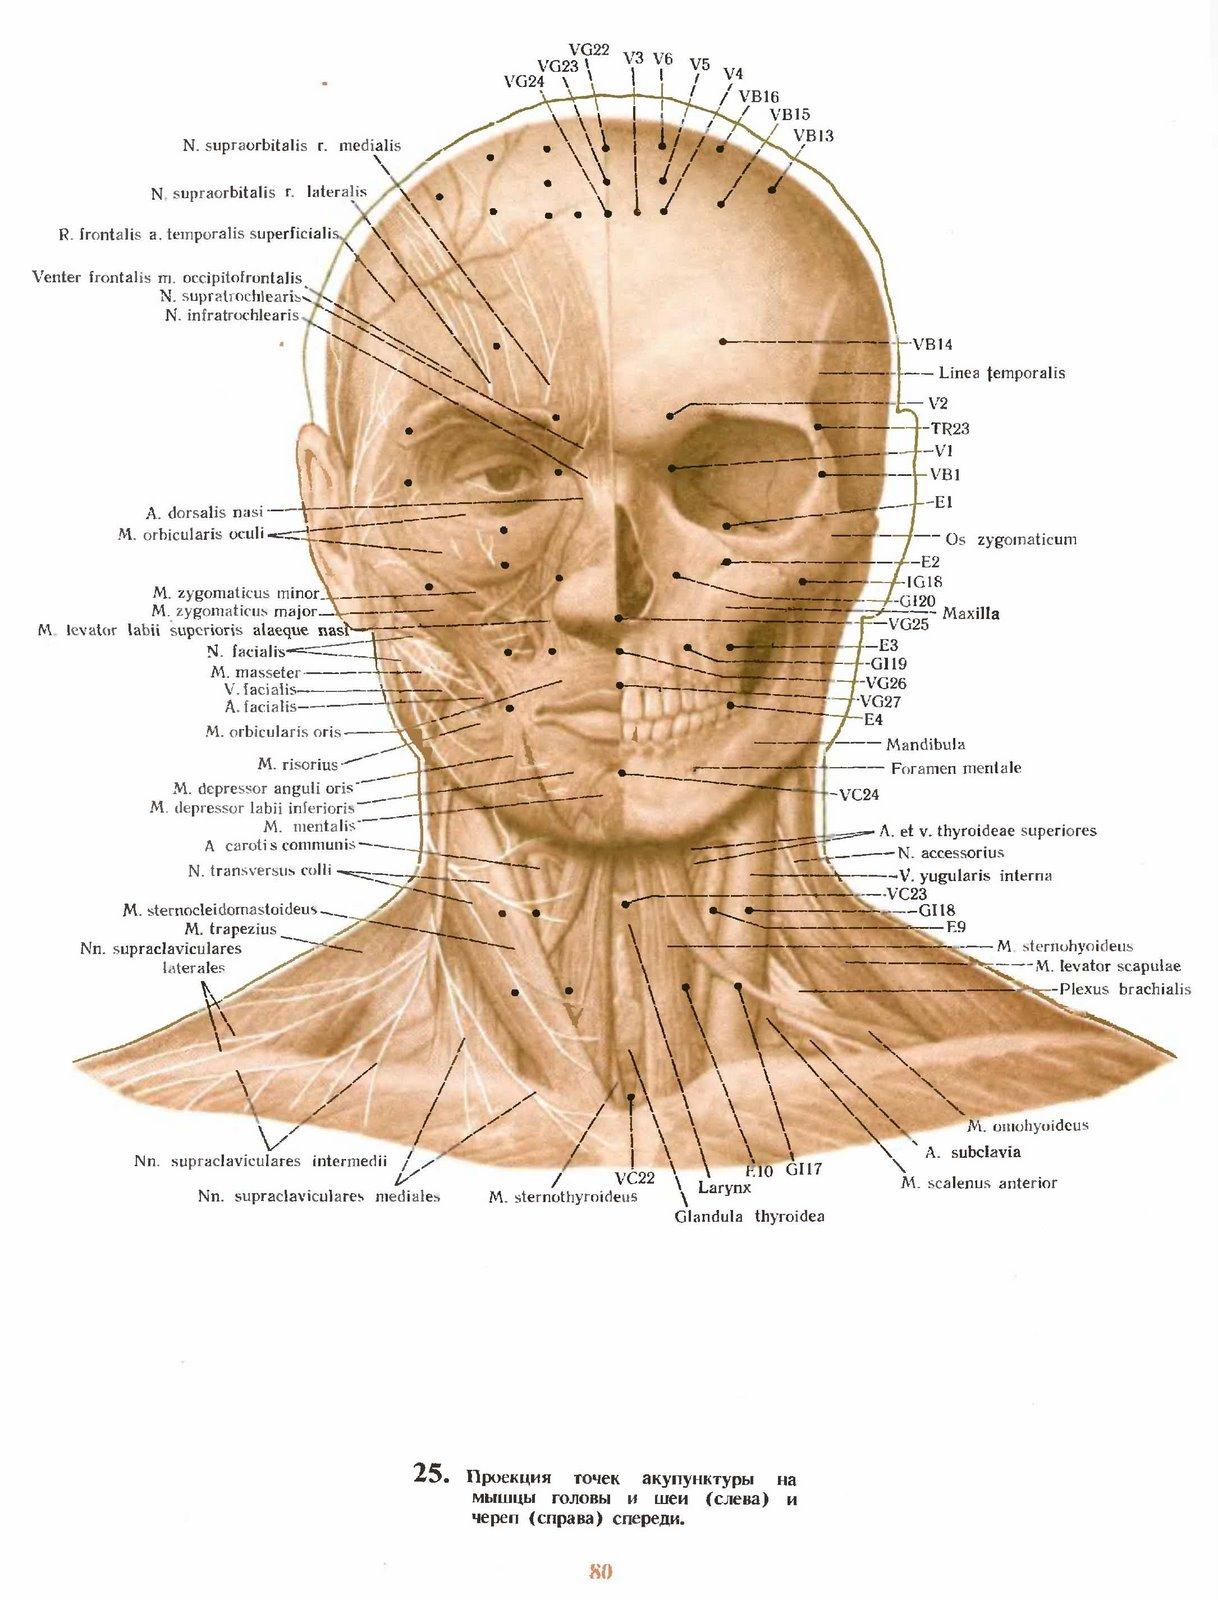 аккупунктура схема голова